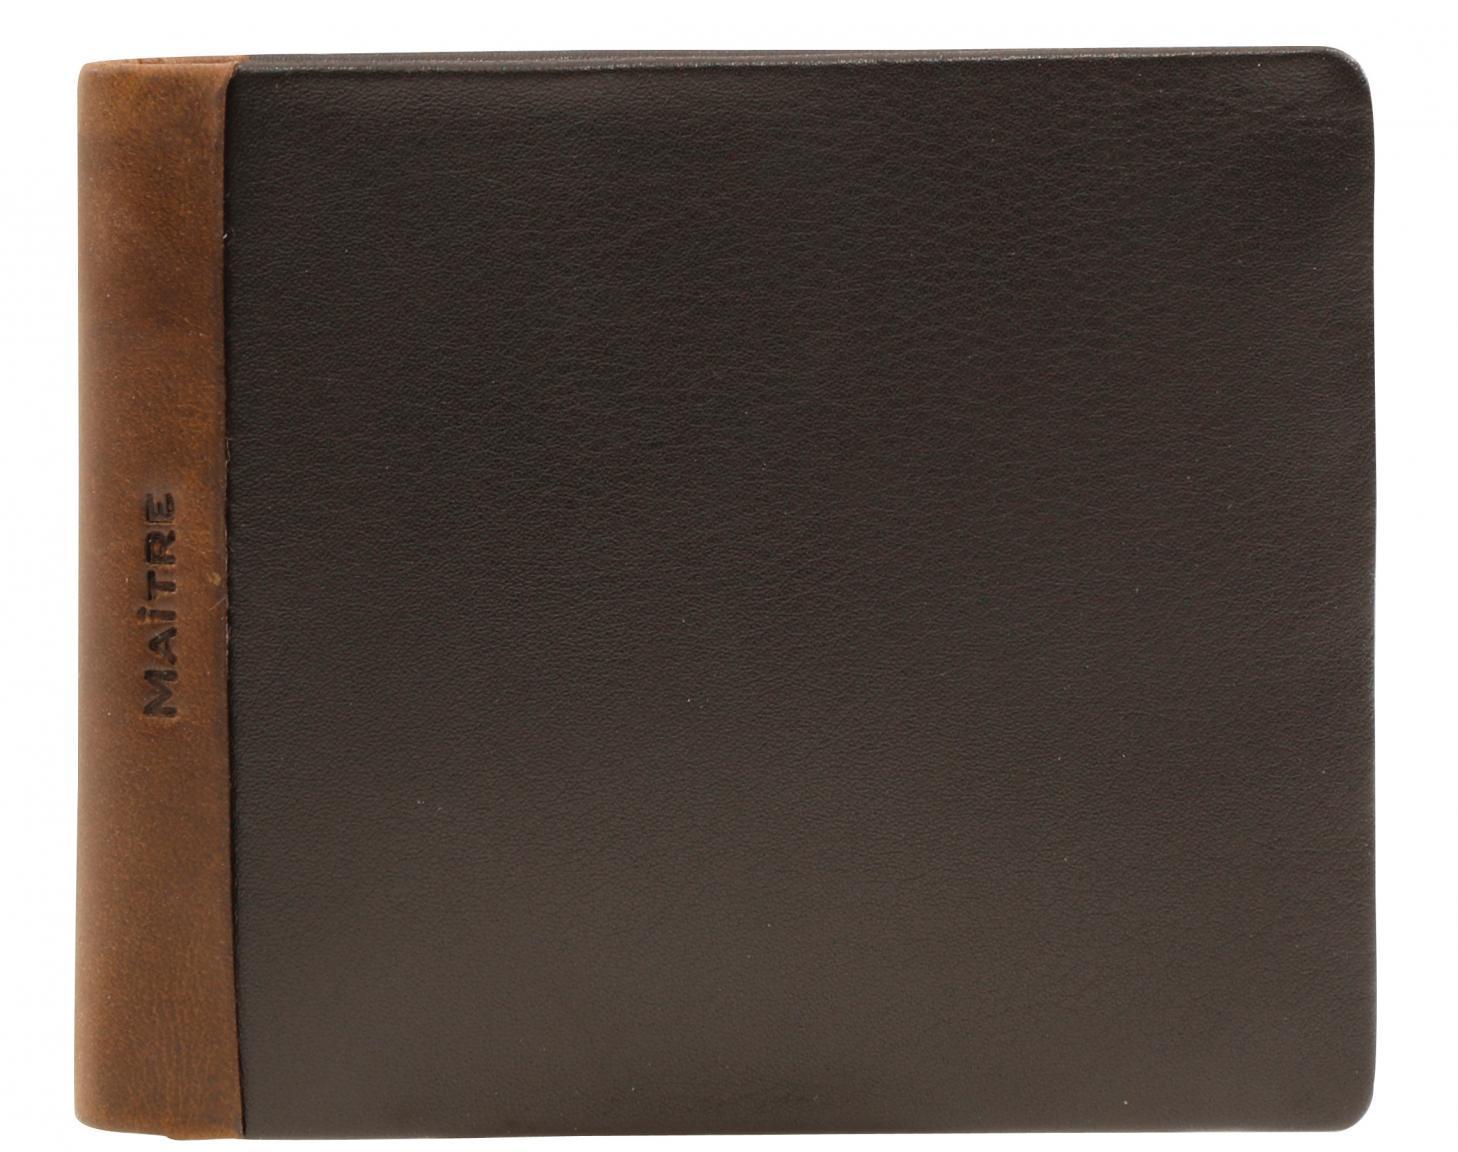 Herrengeldbörse Maitre bundenbach Gandolf BillFold dark brown RFID